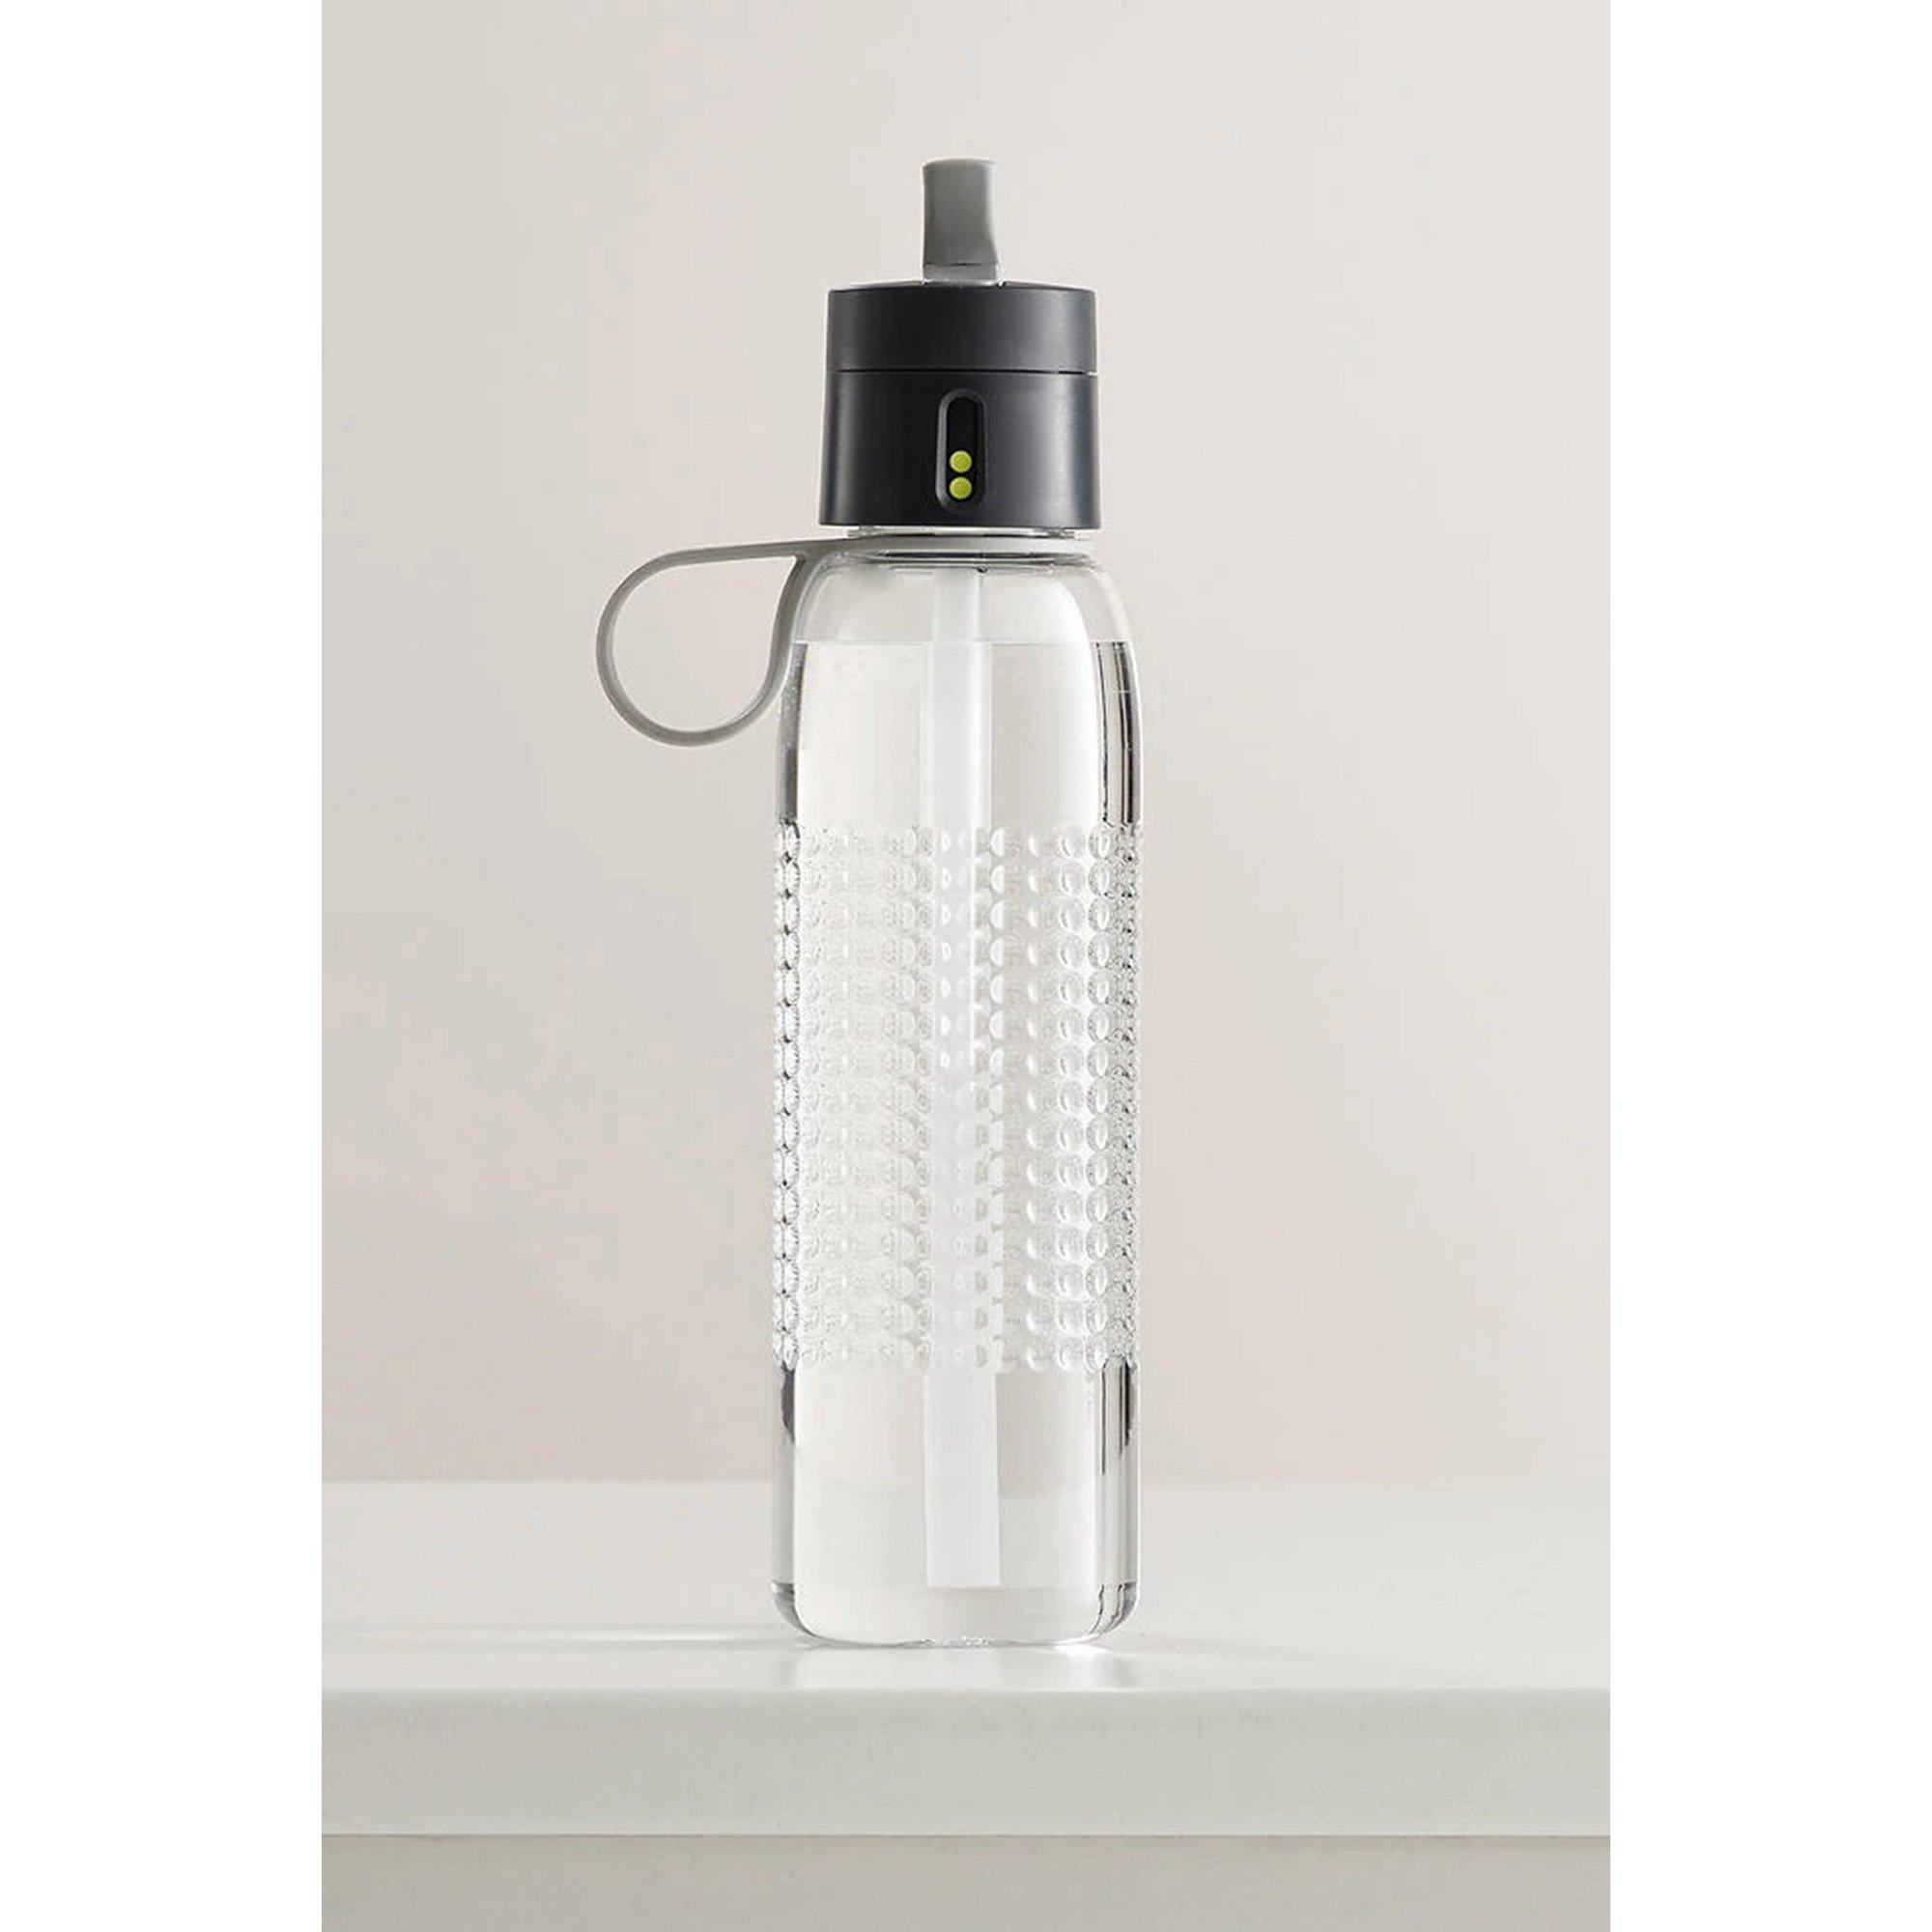 Image of Joseph Joseph Dot Active Water Bottle